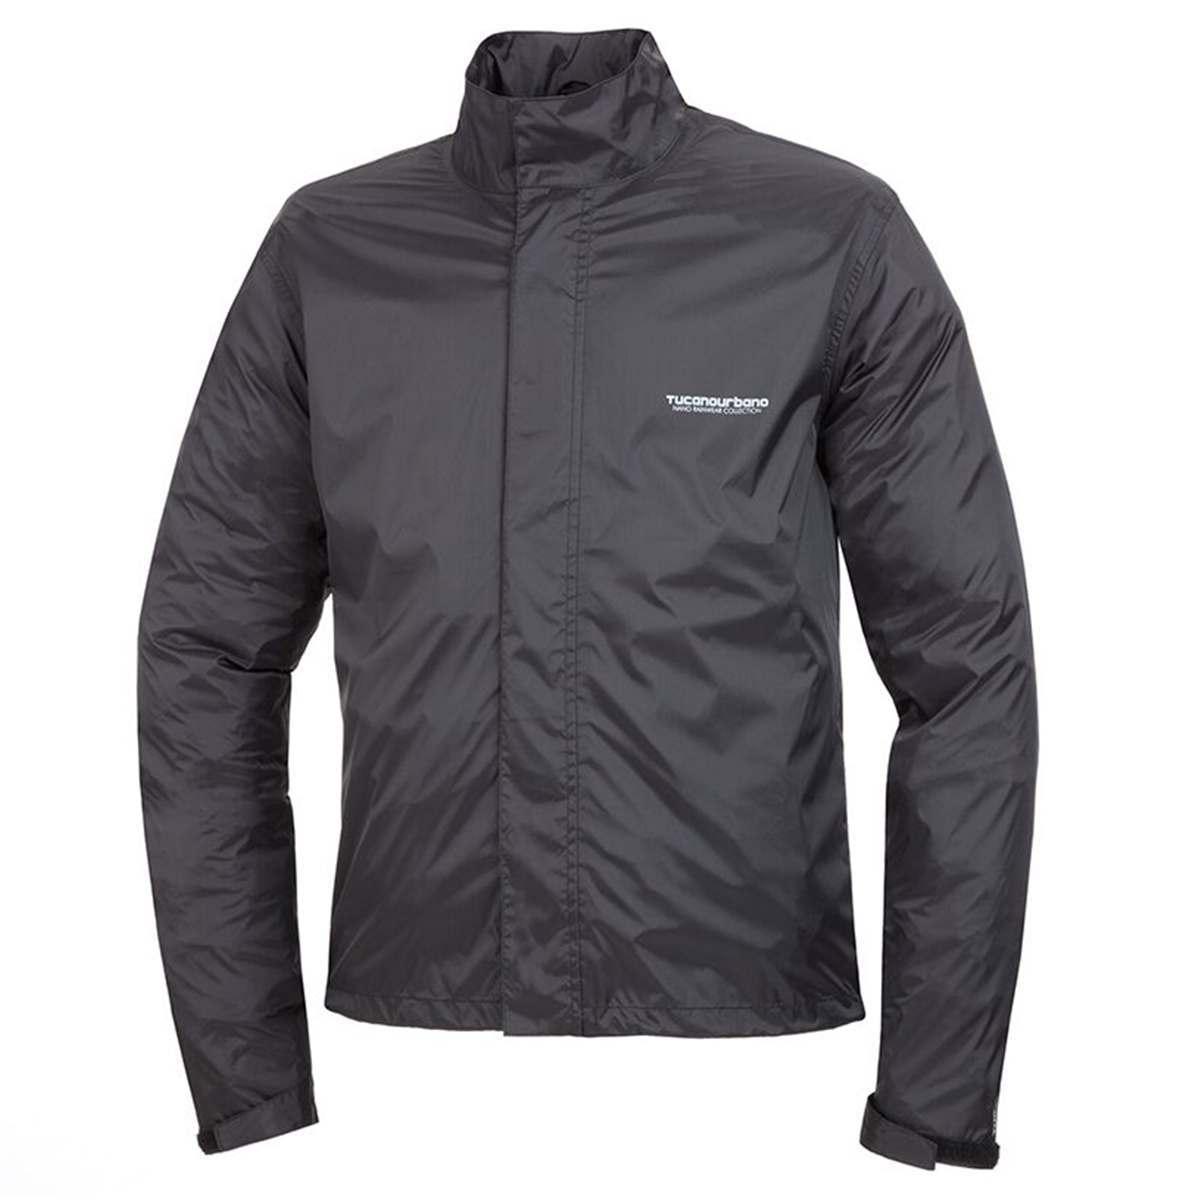 bfc0a4674a7d https://www.urbanrider.co.uk/tucano-urbano-tuta-nano-rain-suit.html ...